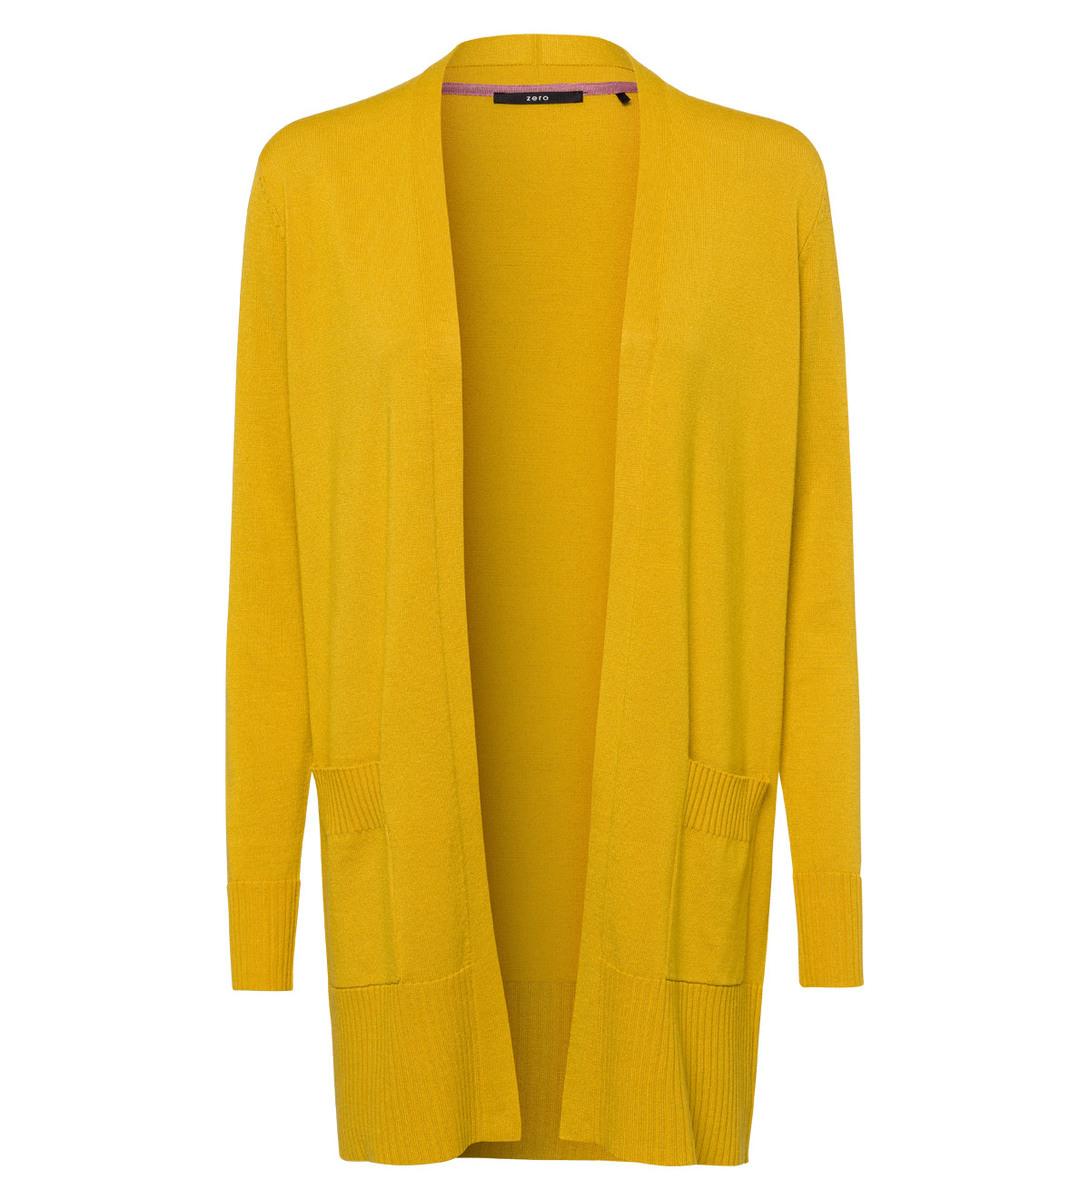 Cardigan im verschlusslosen Design in safran yellow